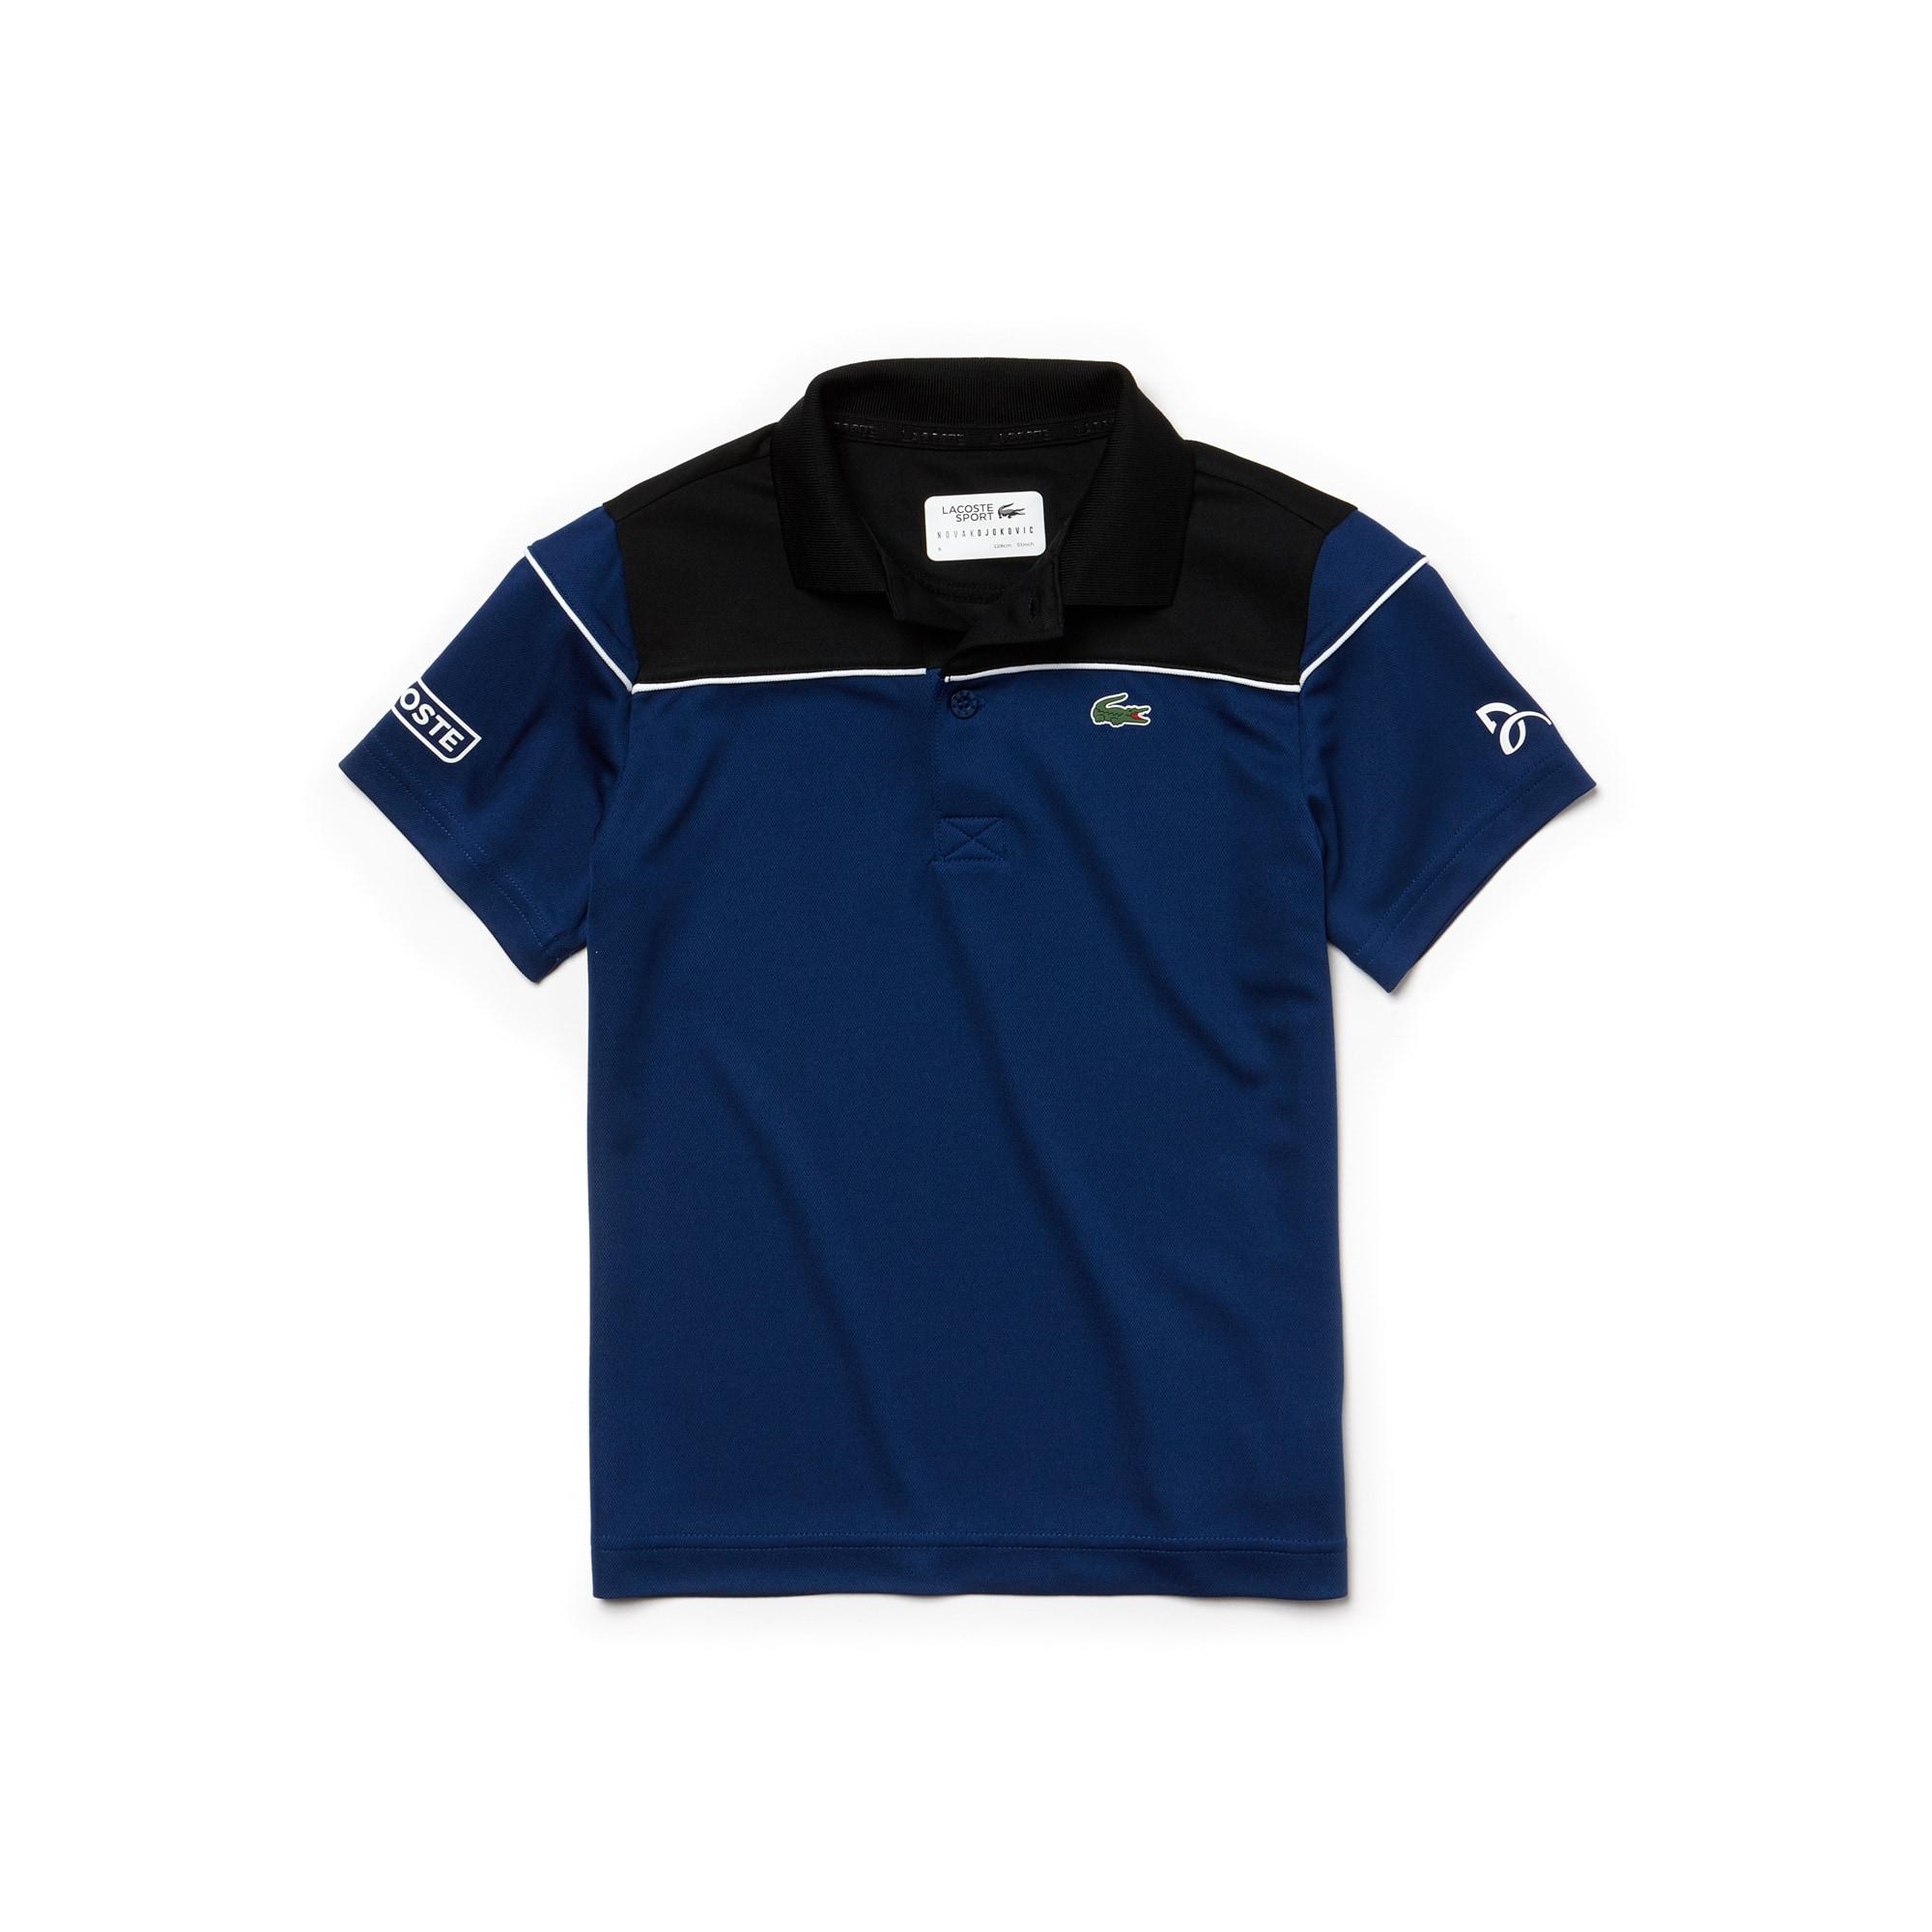 Boys' LACOSTE SPORT NOVAK DJOKOVIC COLLECTION Colorblock Technical Piqué Polo Shirt